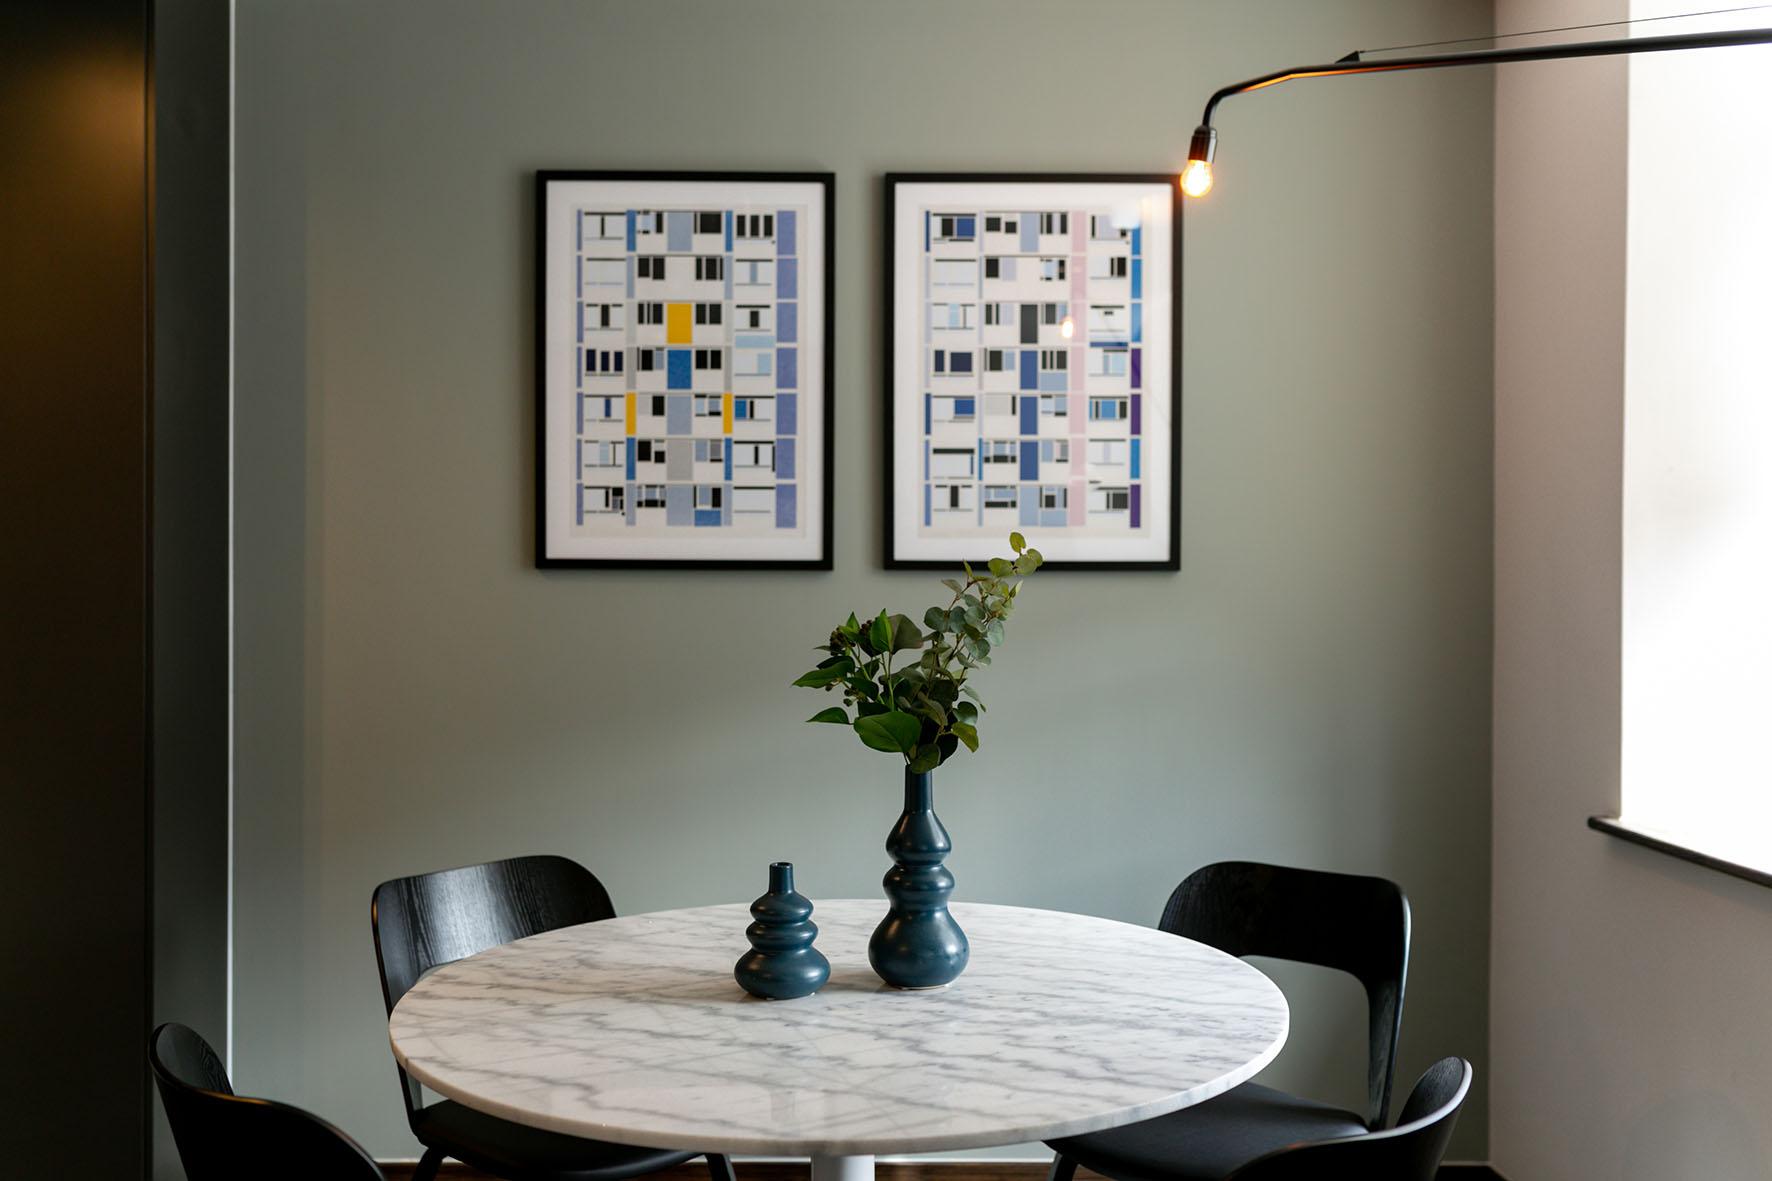 Lovelydays luxury service apartment rental - London - Soho - Oxford Street V - Lovelysuite - 1 bedrooms - 1 bathrooms - Dining living room - 224b727407c3 - Lovelydays